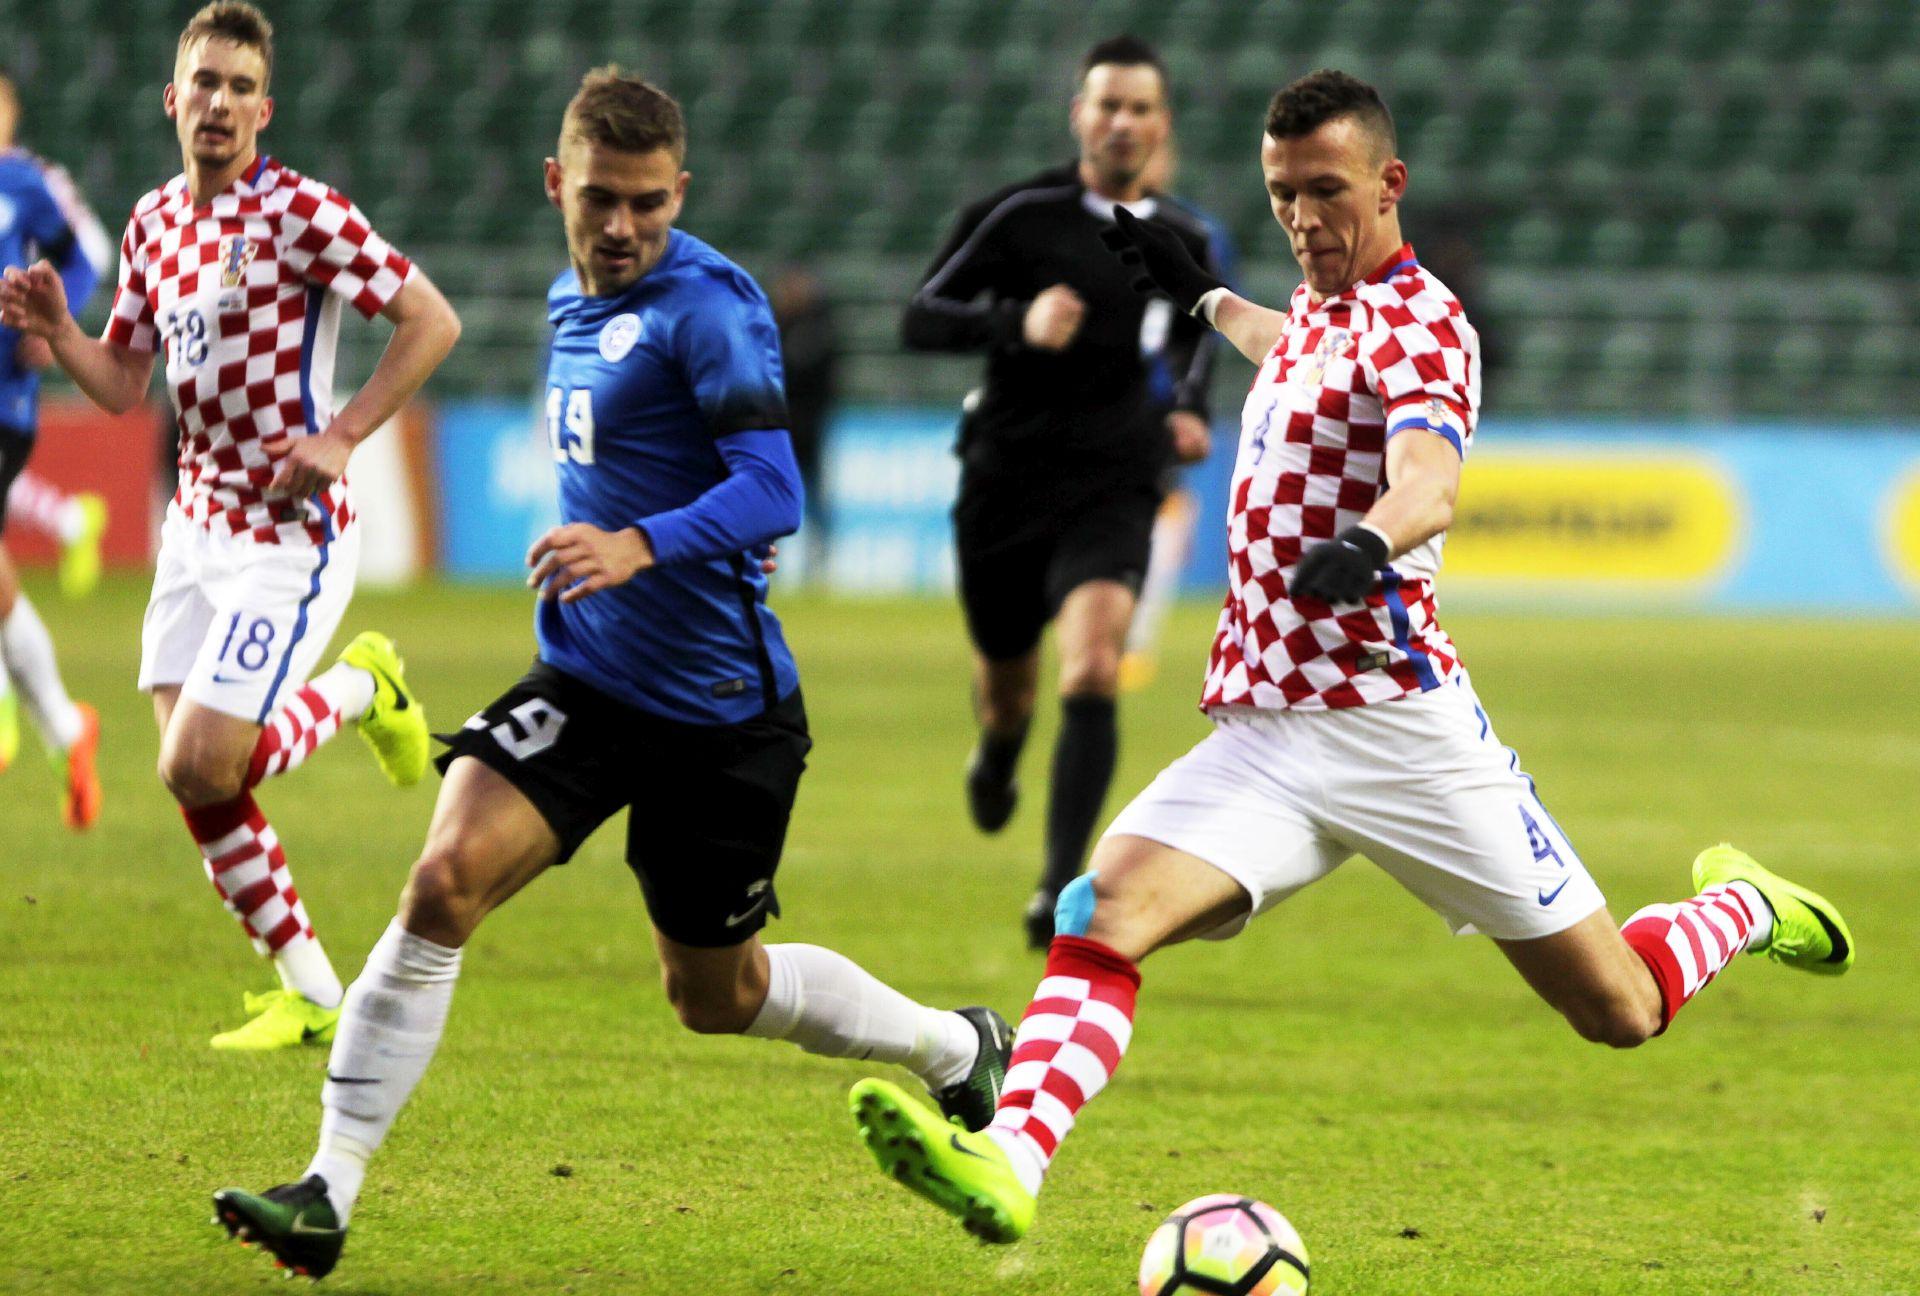 Estonija je najlošije rangirana reprezentacija koja je ikad pobijedila Hrvatsku